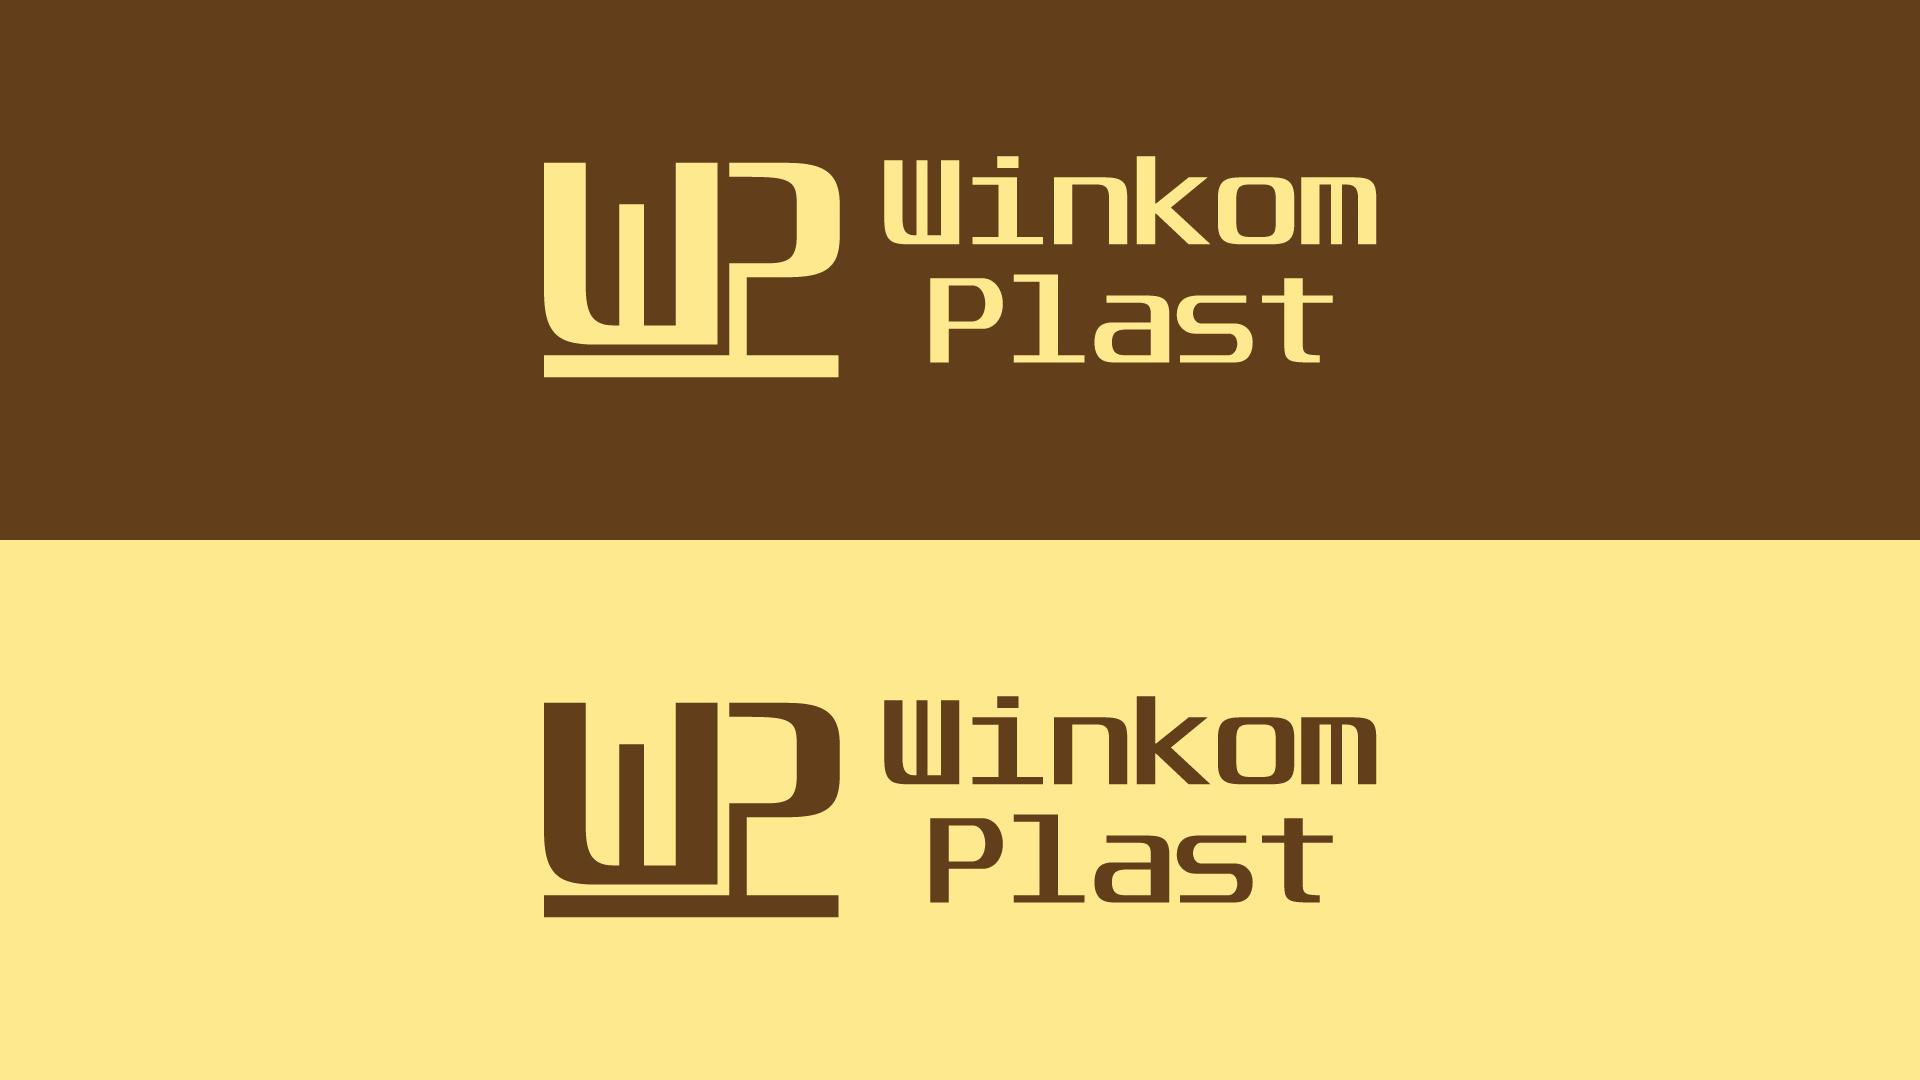 Логотип, фавикон и визитка для компании Винком Пласт  фото f_2925c45d104e2c40.png